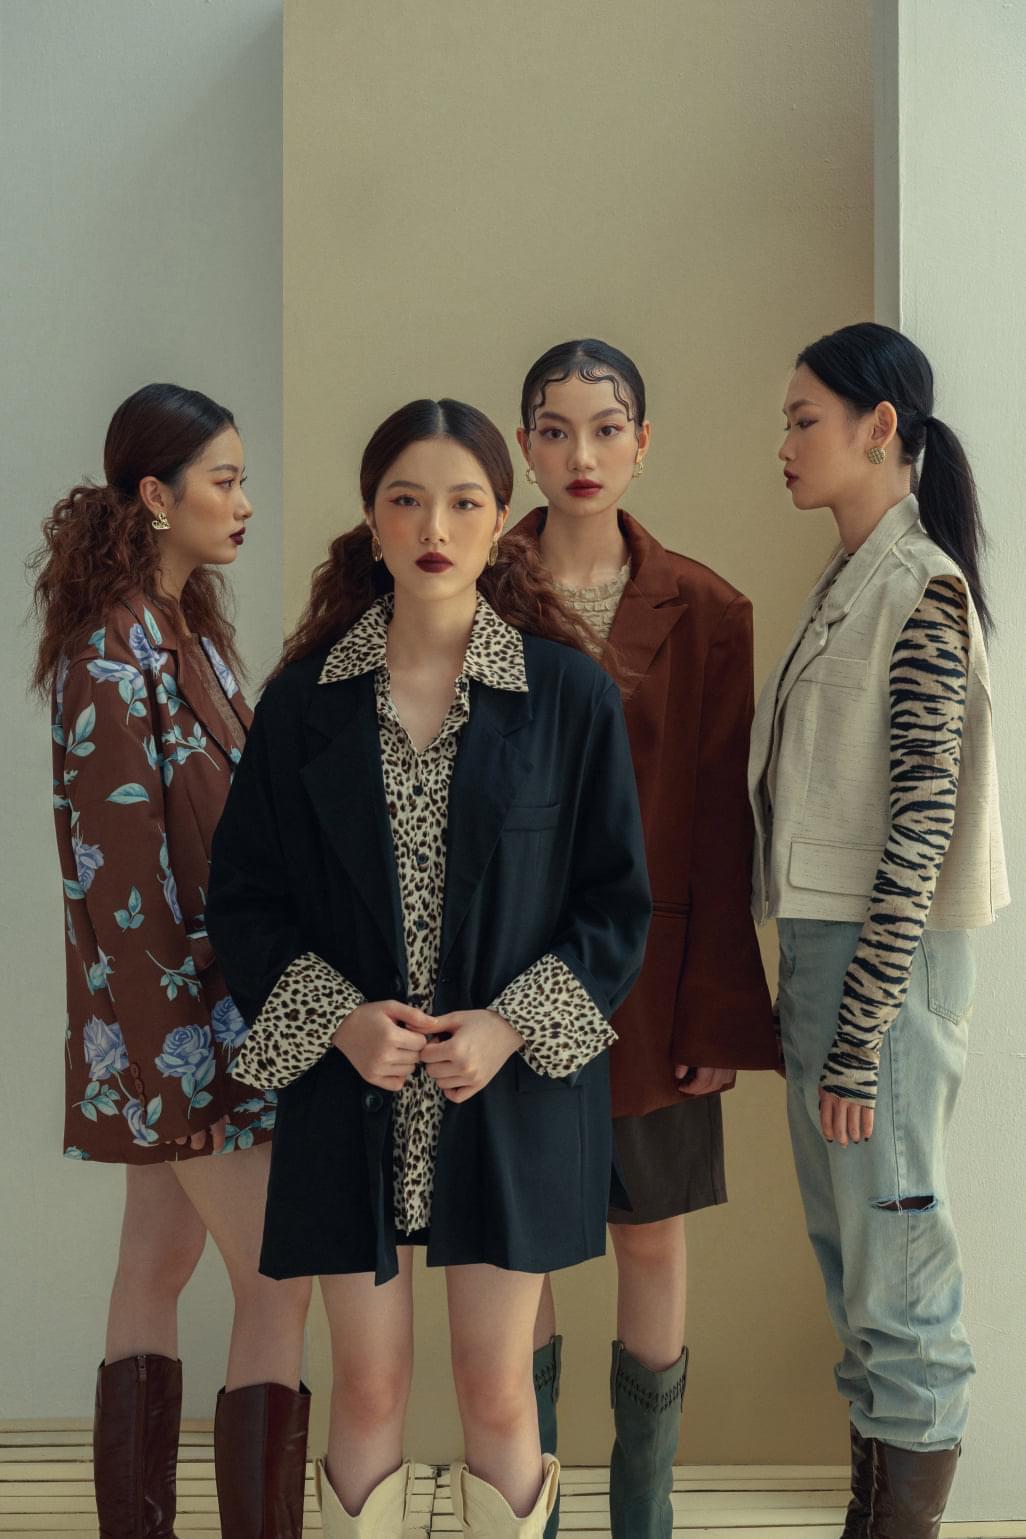 Điểm mặt 5 shop thời trang phong cách vintage được lòng giới trẻ nhất